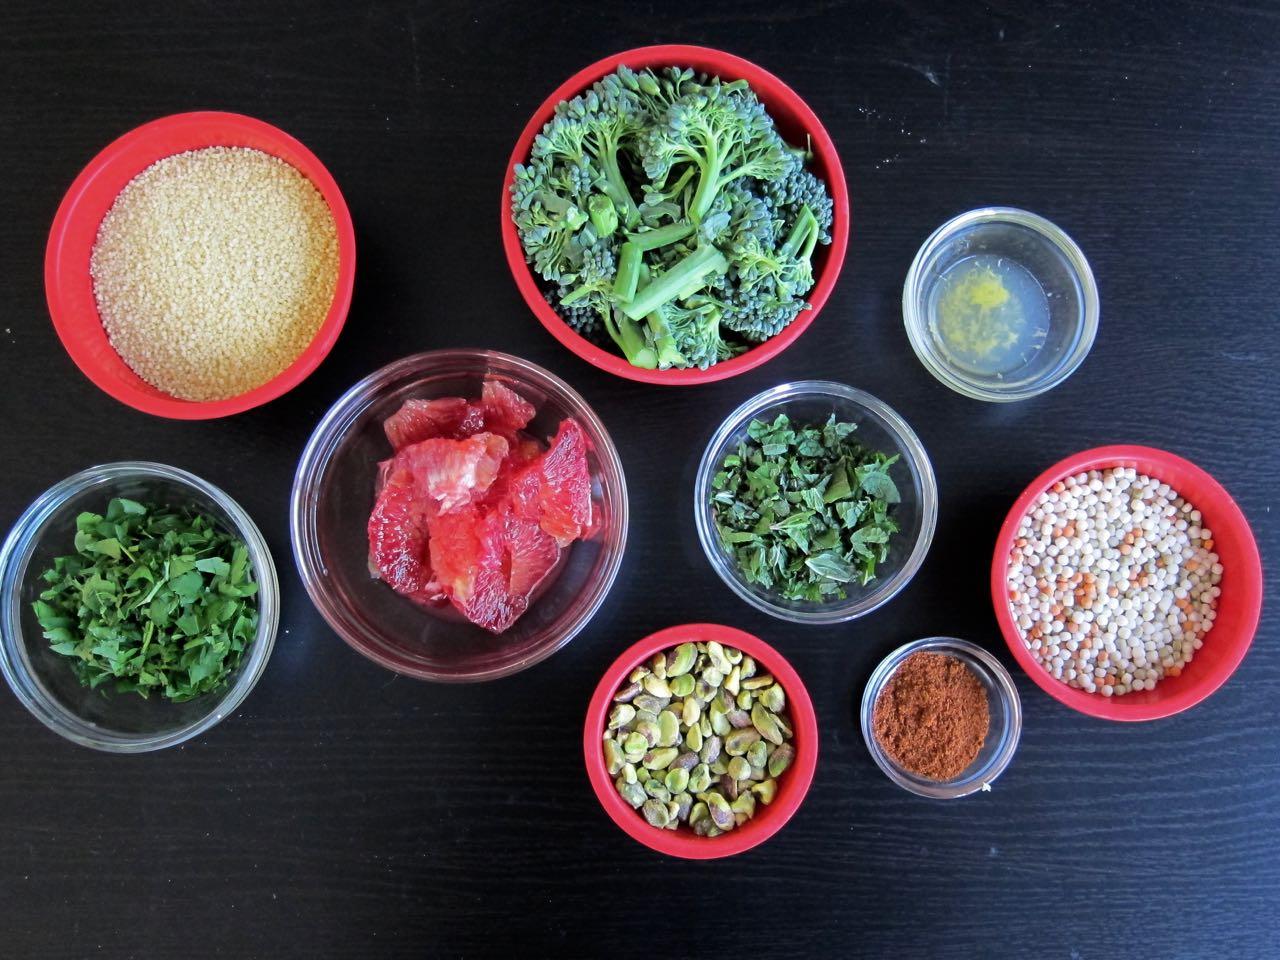 Cous Cous salad components